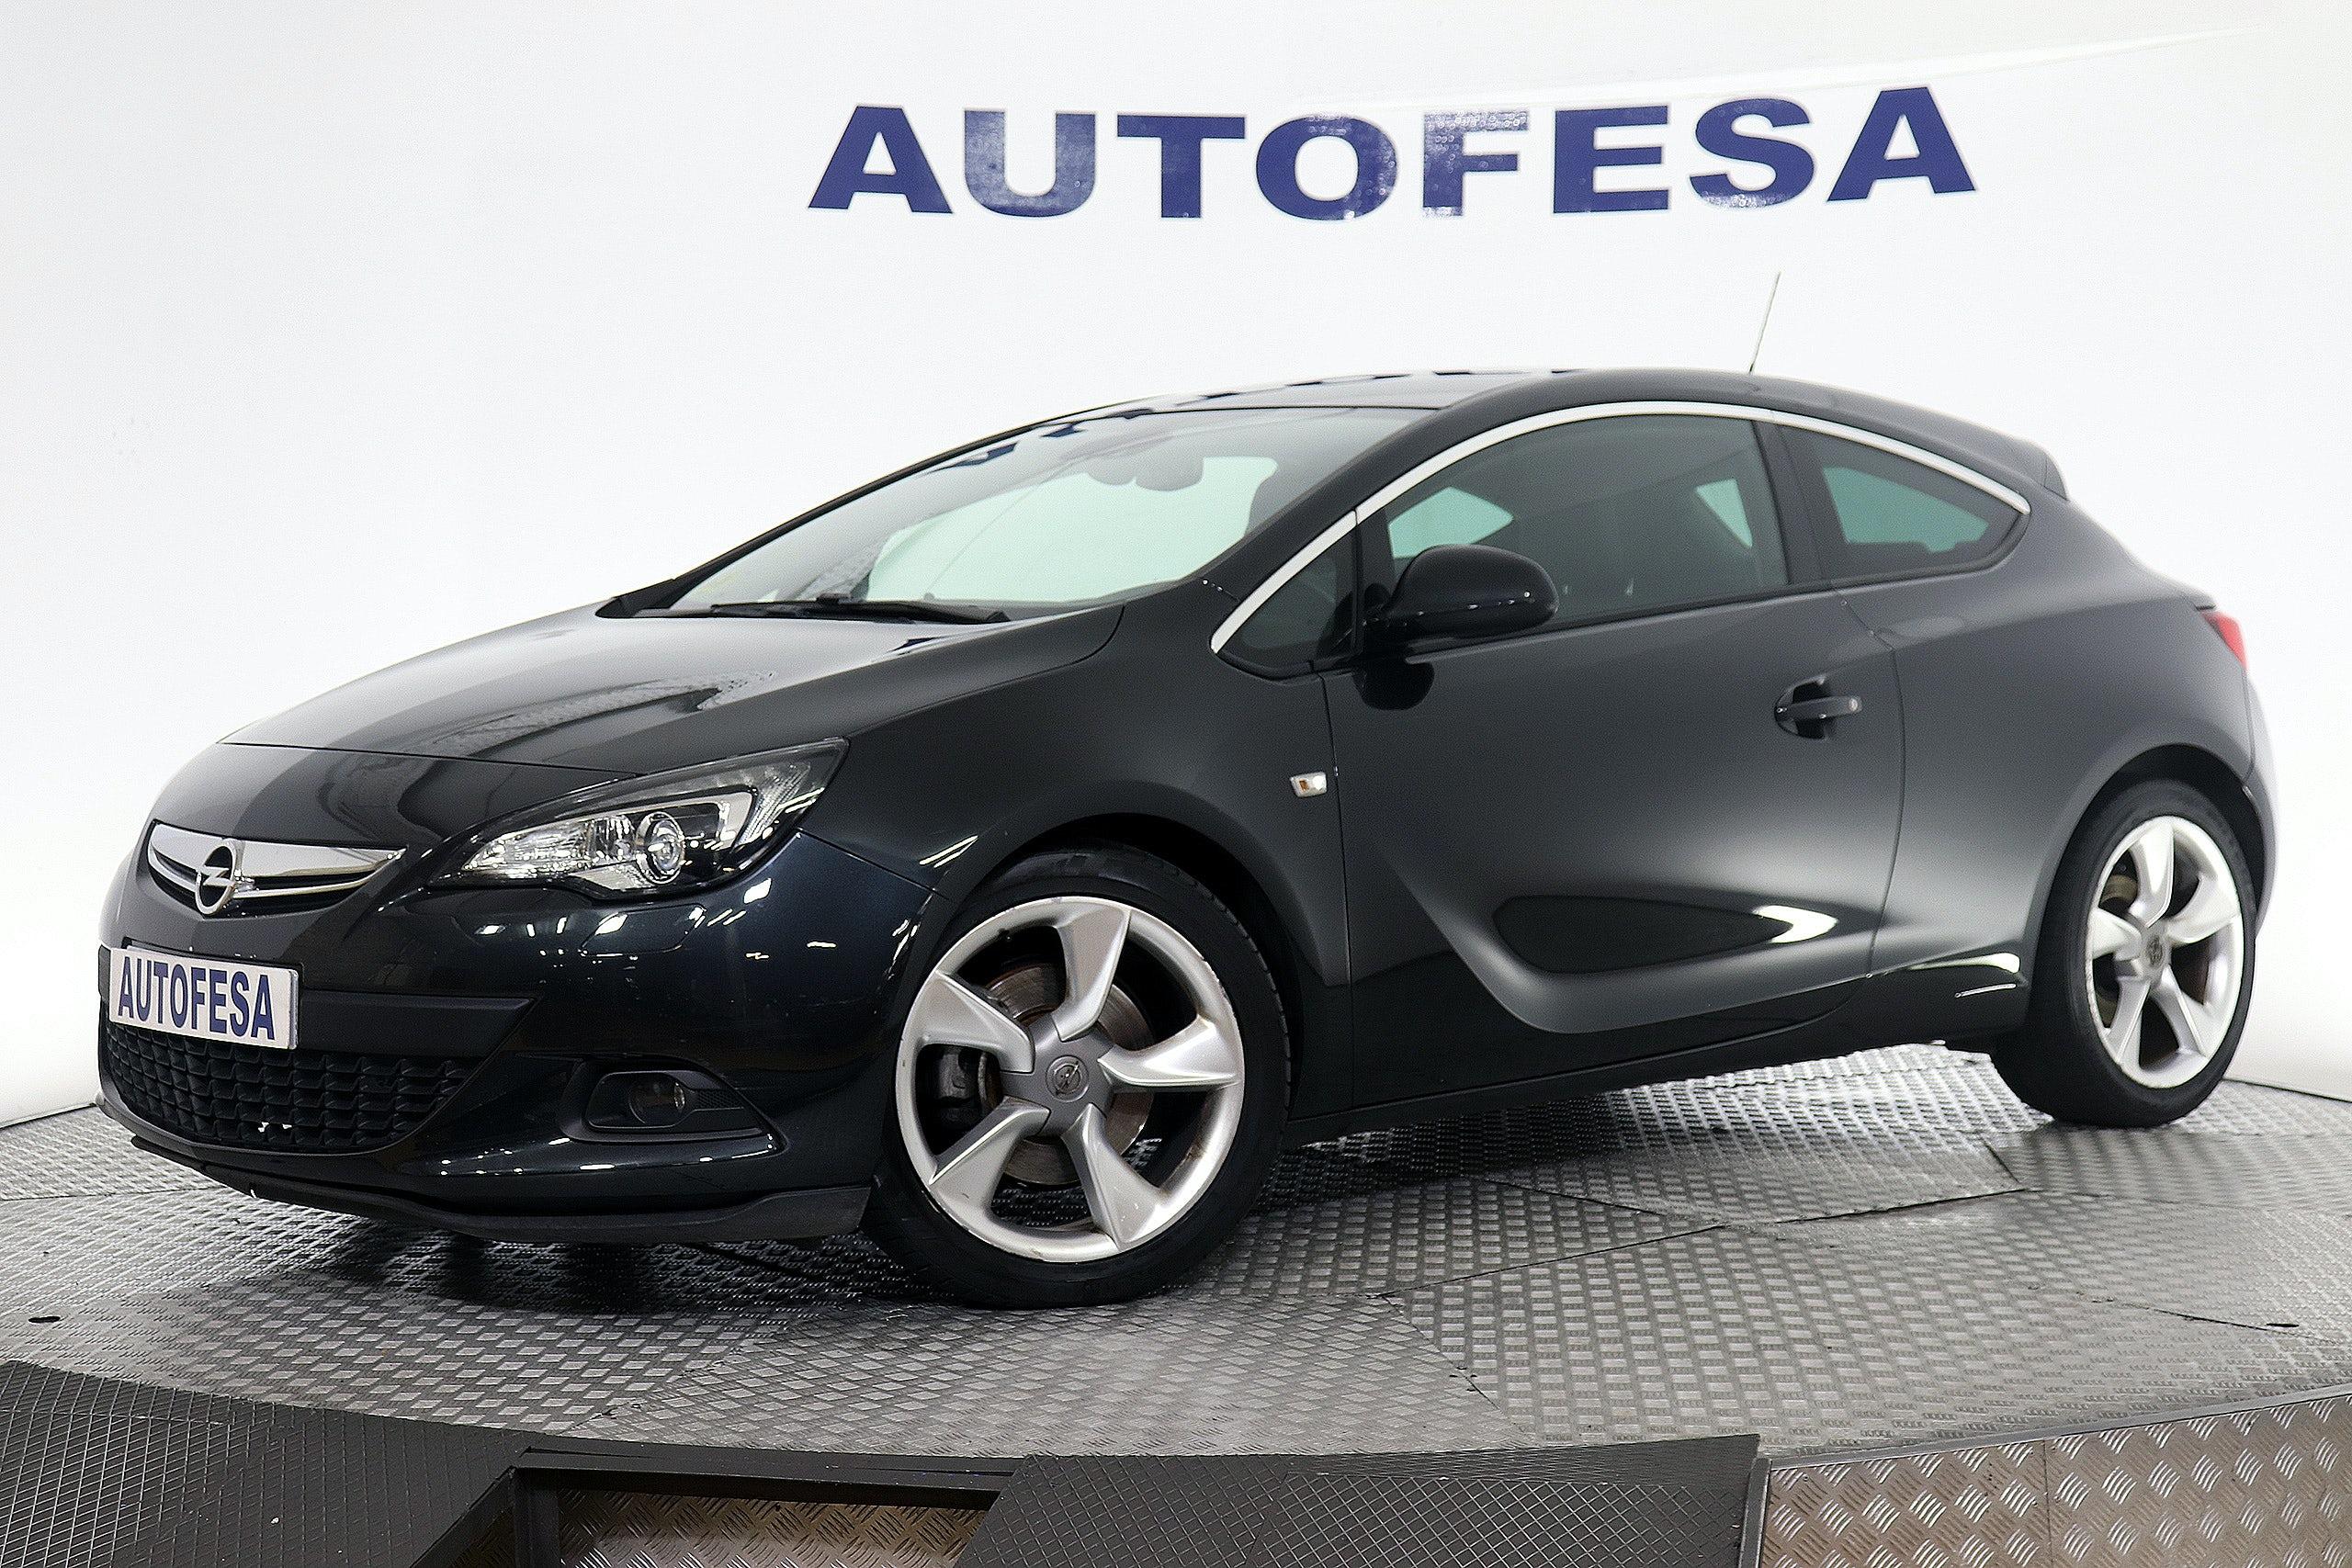 Fotos del Opel Astra GTC 2.0 CDTi 165cv Sportive 3p Exterior 1